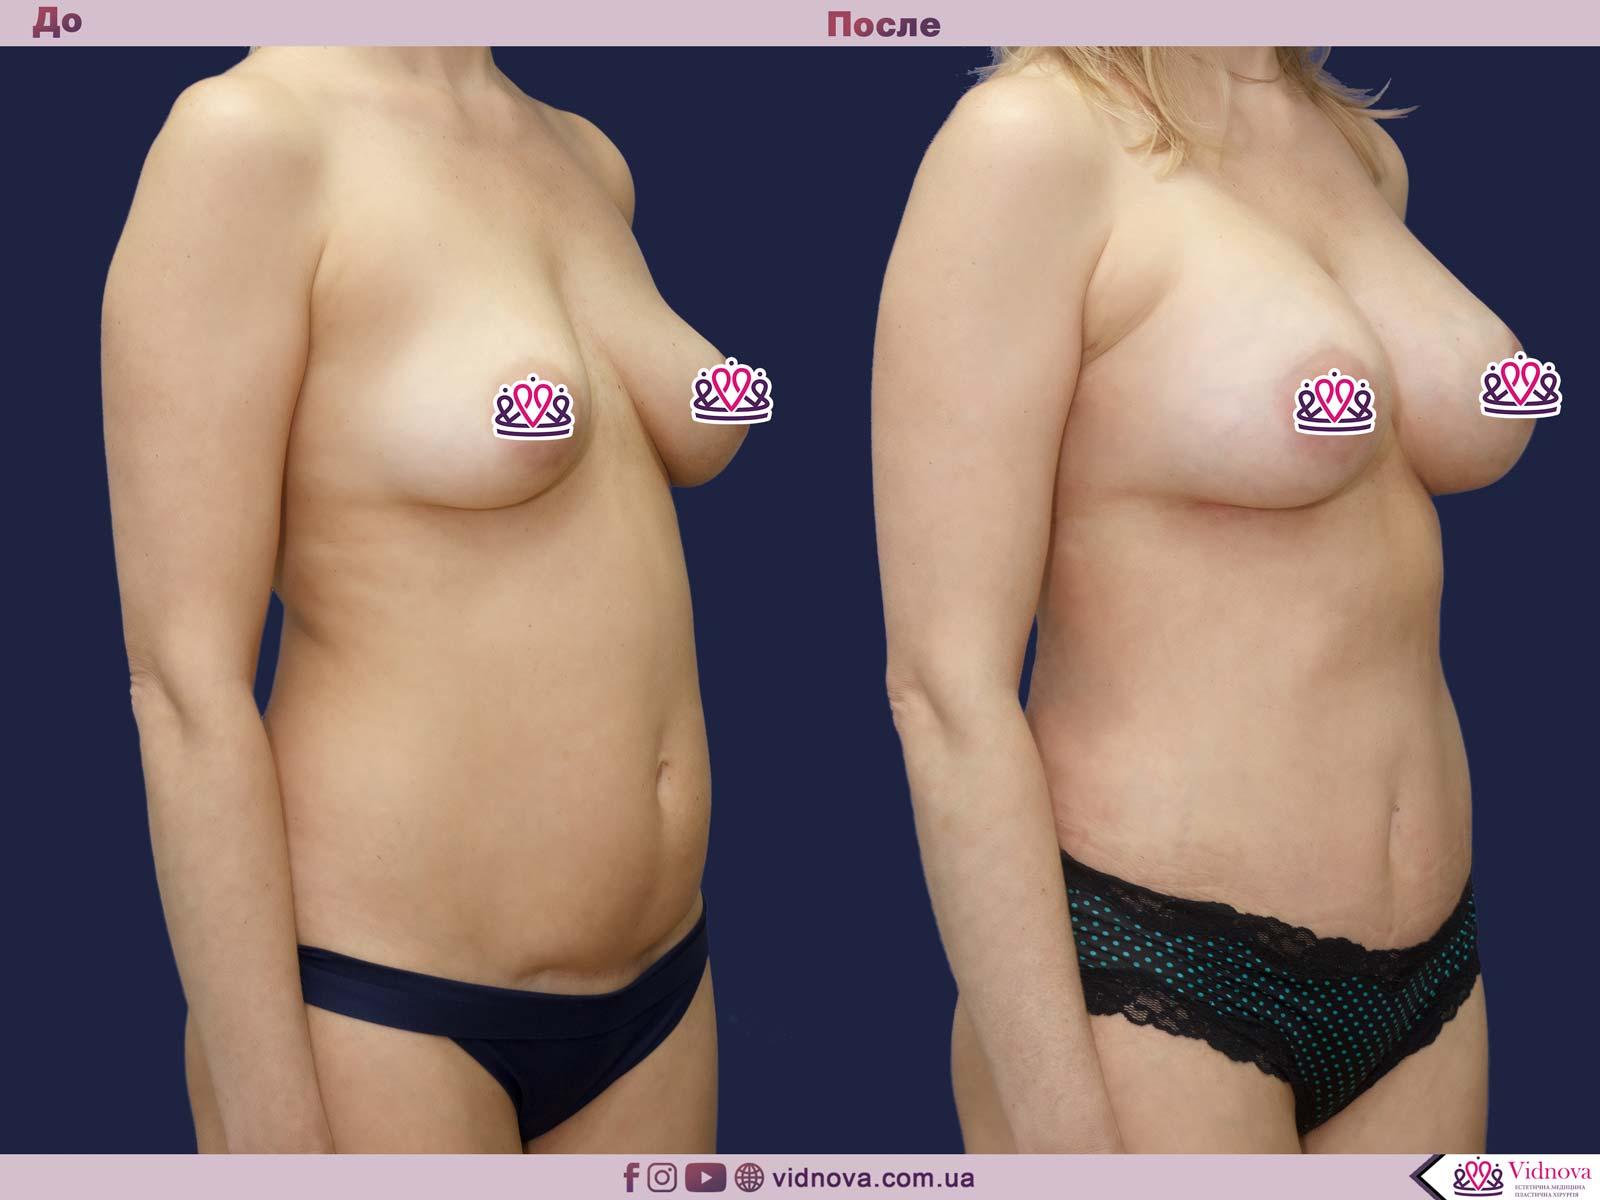 Пластика груди: результаты до и после - Пример №32-1 - Светлана Работенко